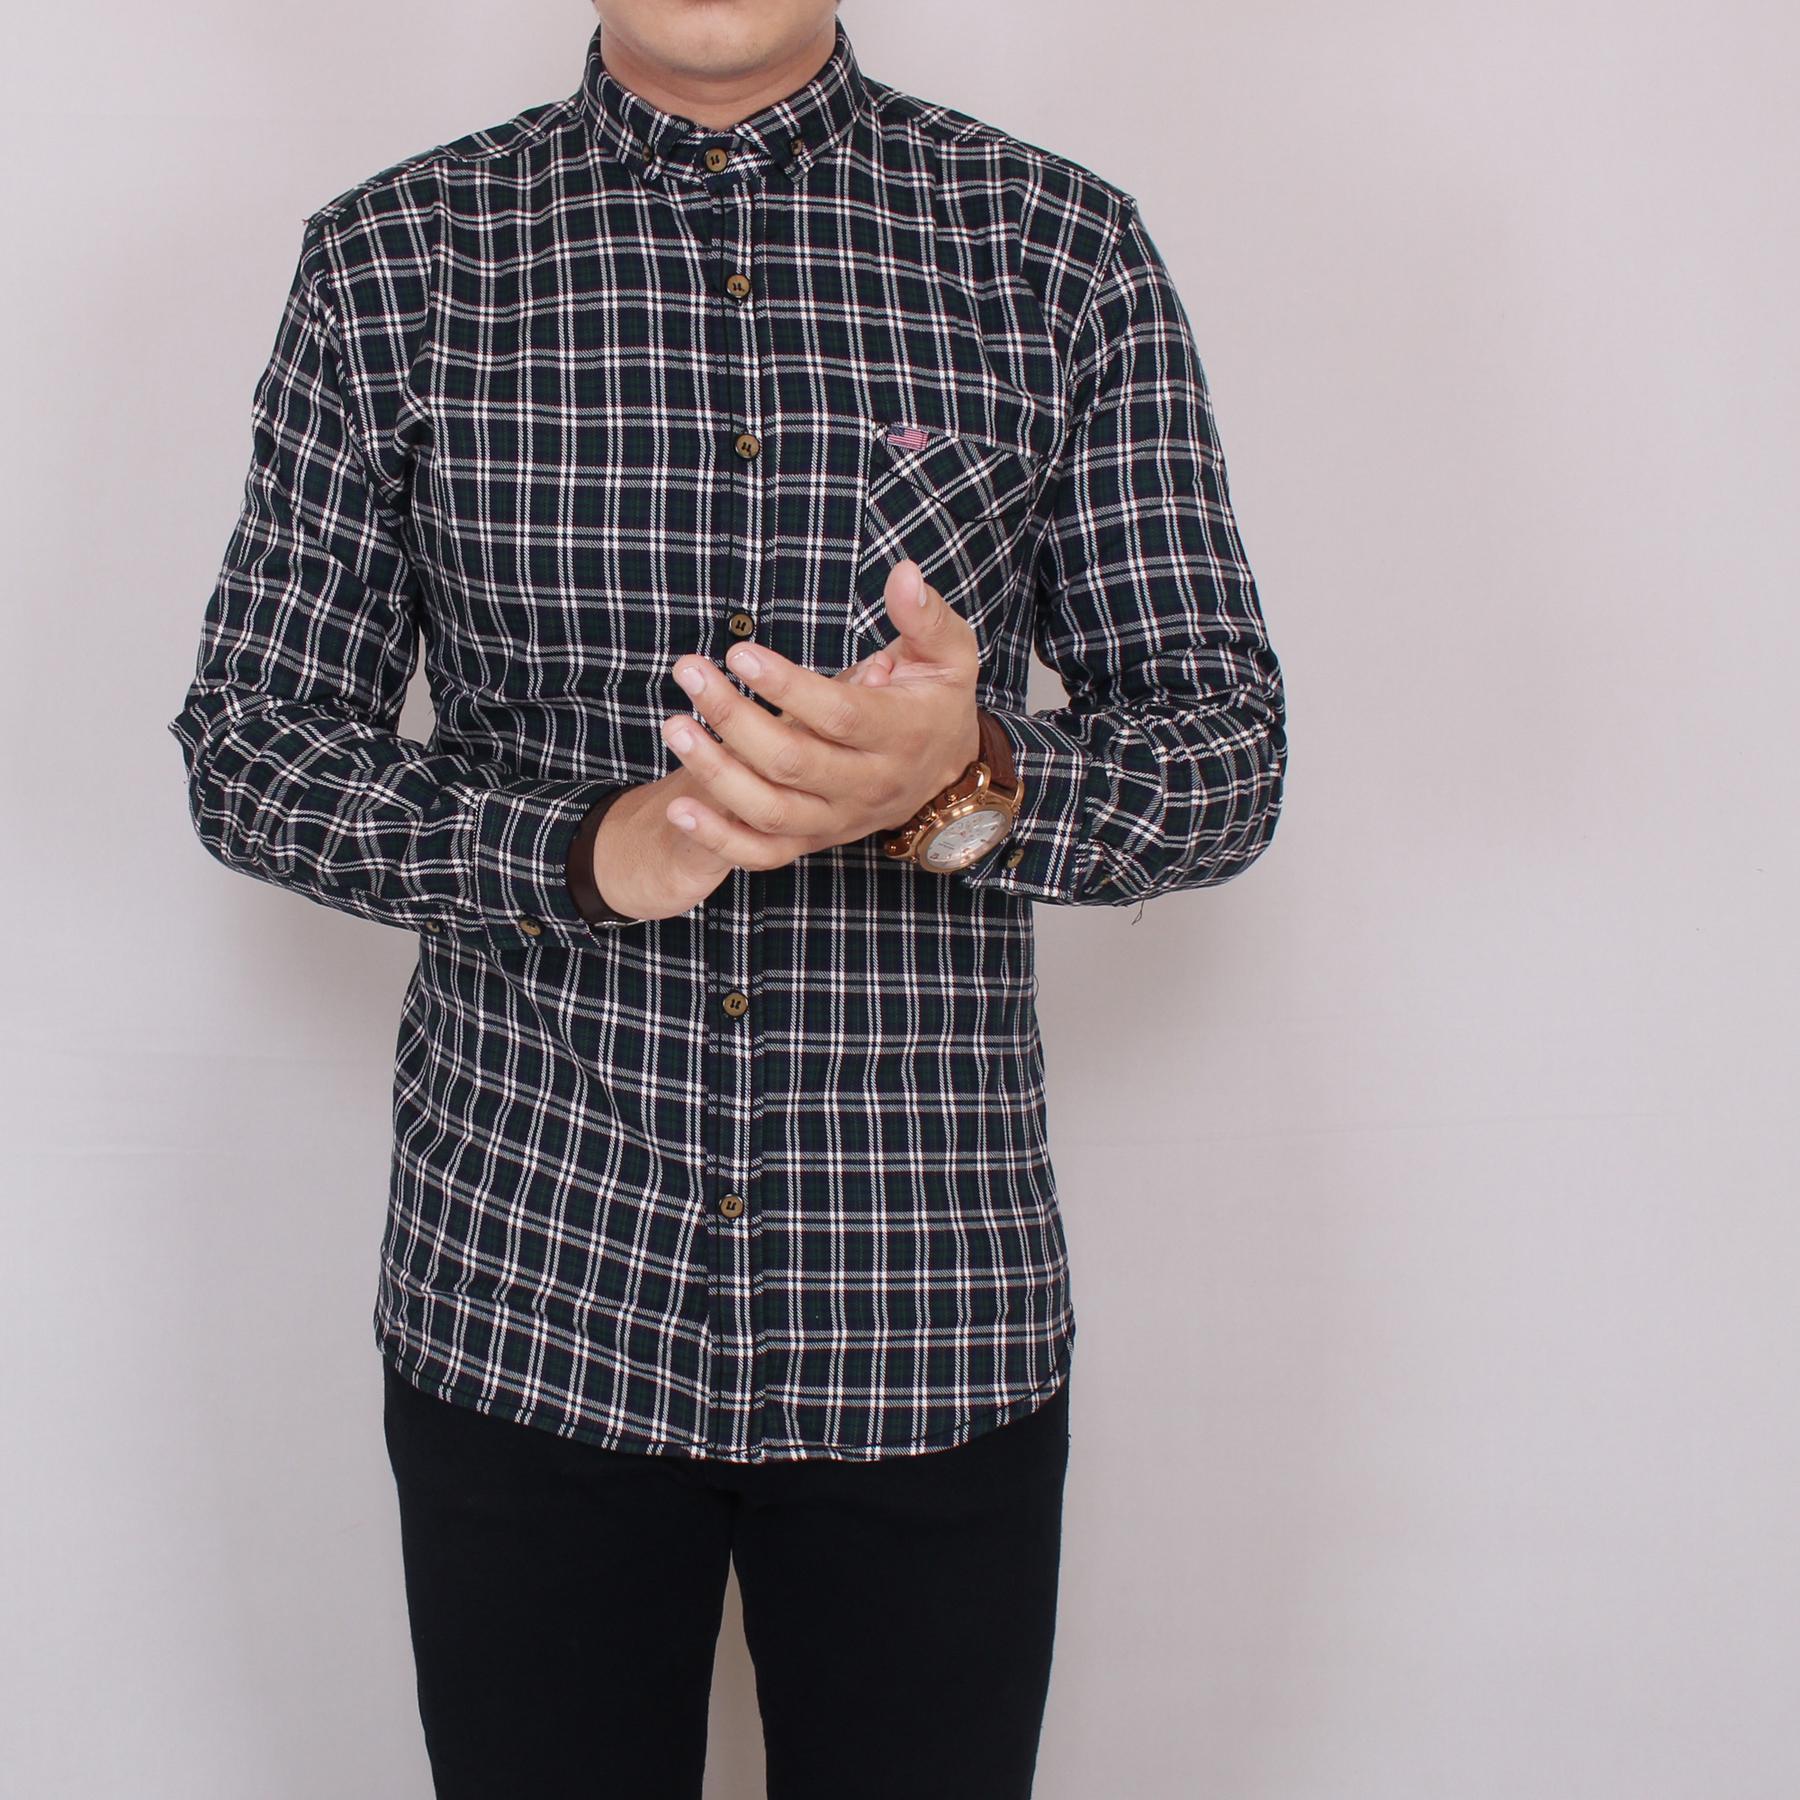 Zoeystore 5797 Kemeja Flanel Pria Lengan Pendek Exclusive Baju Kemeja Flannel Cowok Kerja Kantoran Formal Kemeja Distro Putih Kotak Hijau